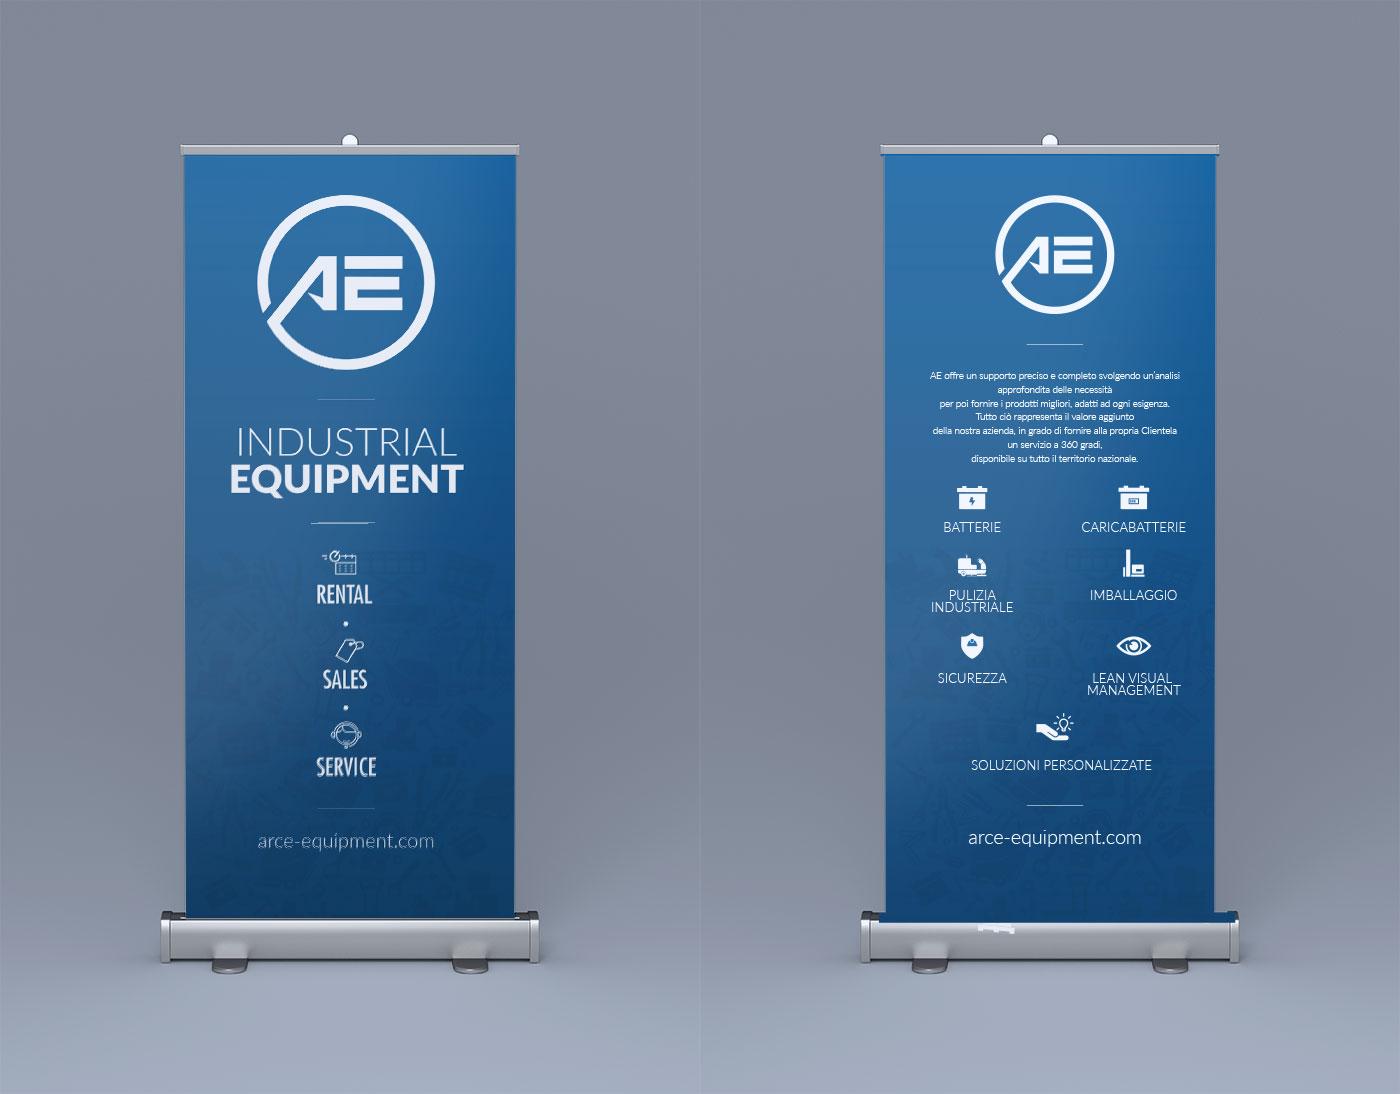 ARCE Equipment Srl